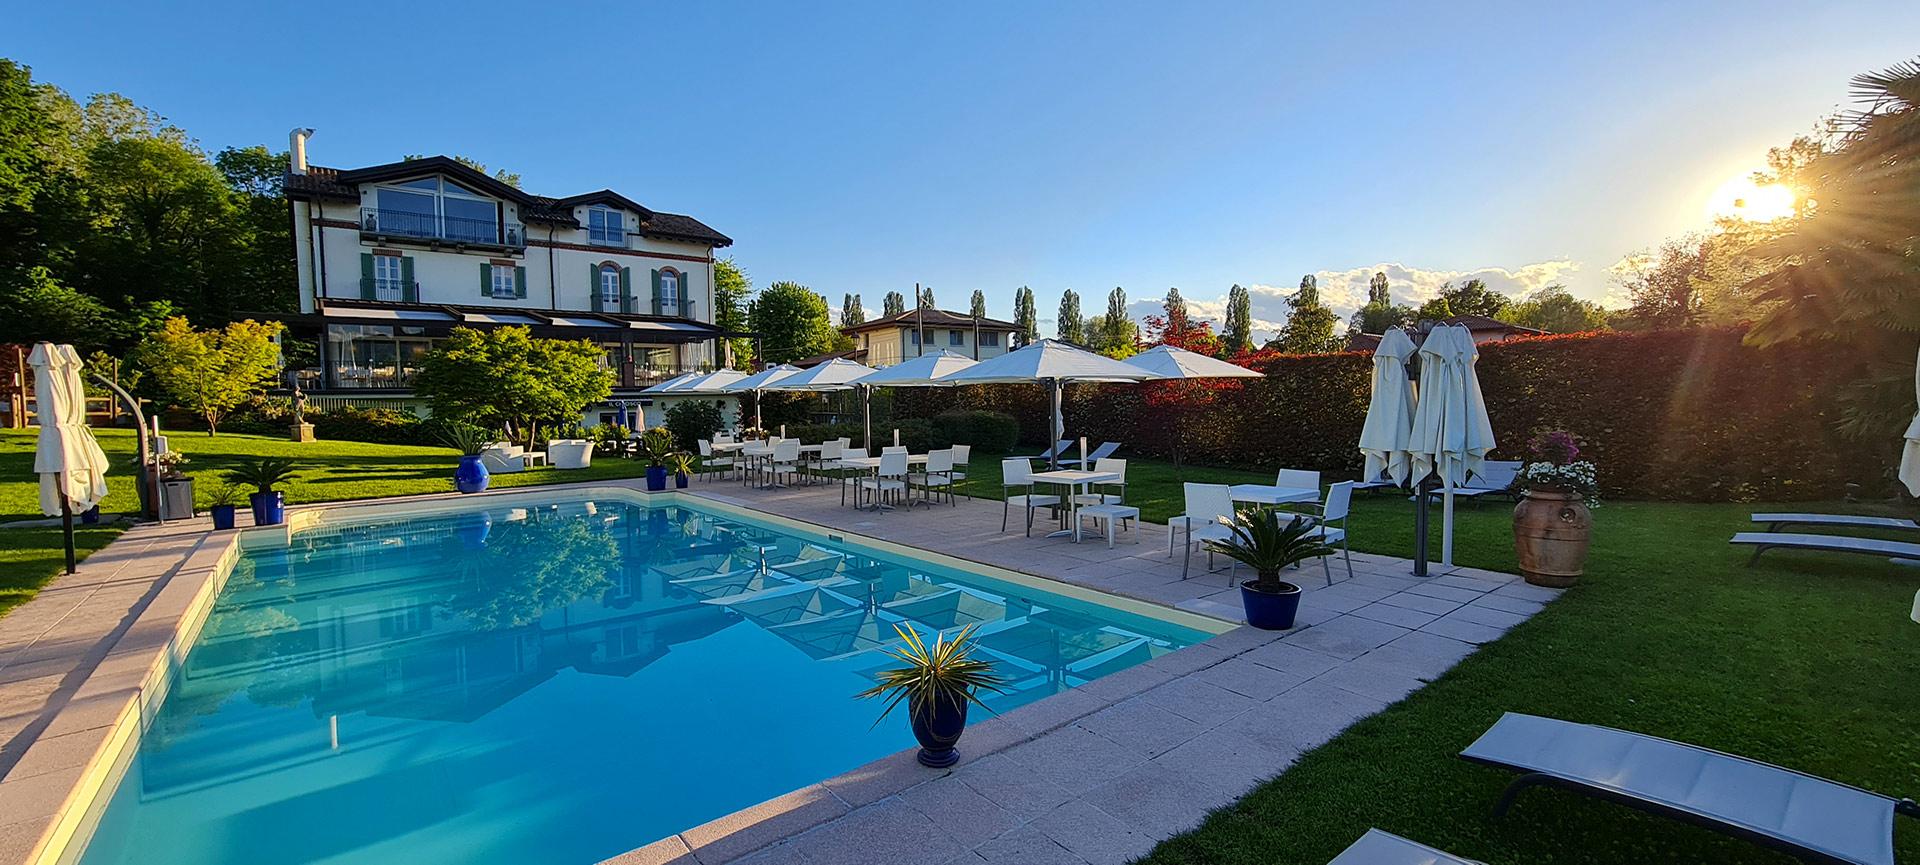 Villa Baroni slide 1